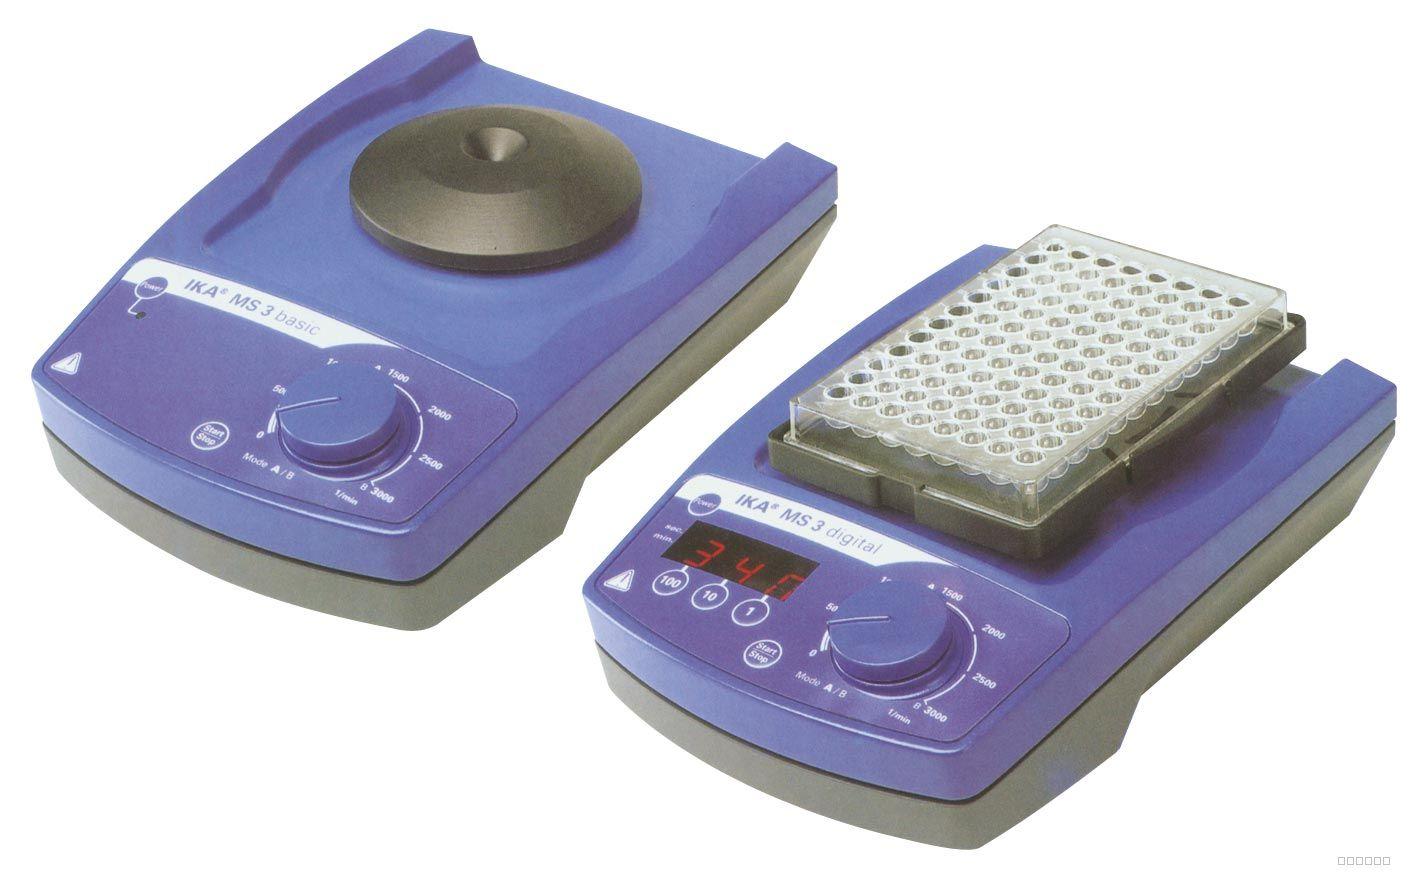 【中国化工仪器网 本网原创】振荡器是用来产生重复电子讯号的电子元件。其构成的电路叫振荡电路。能将直流电转换为具有一定频率交流电信号输出的电子电路或装置。种类很多,按振荡激励方式可分为自激振荡器、他激振荡器;按电路结构可分为阻容振荡器、电感电容振荡器、晶体振荡器、音叉振荡器等;按输出波形可分为正弦波、方波、锯齿波等振荡器。广泛用于电子工业、医疗、科学研究等方面。